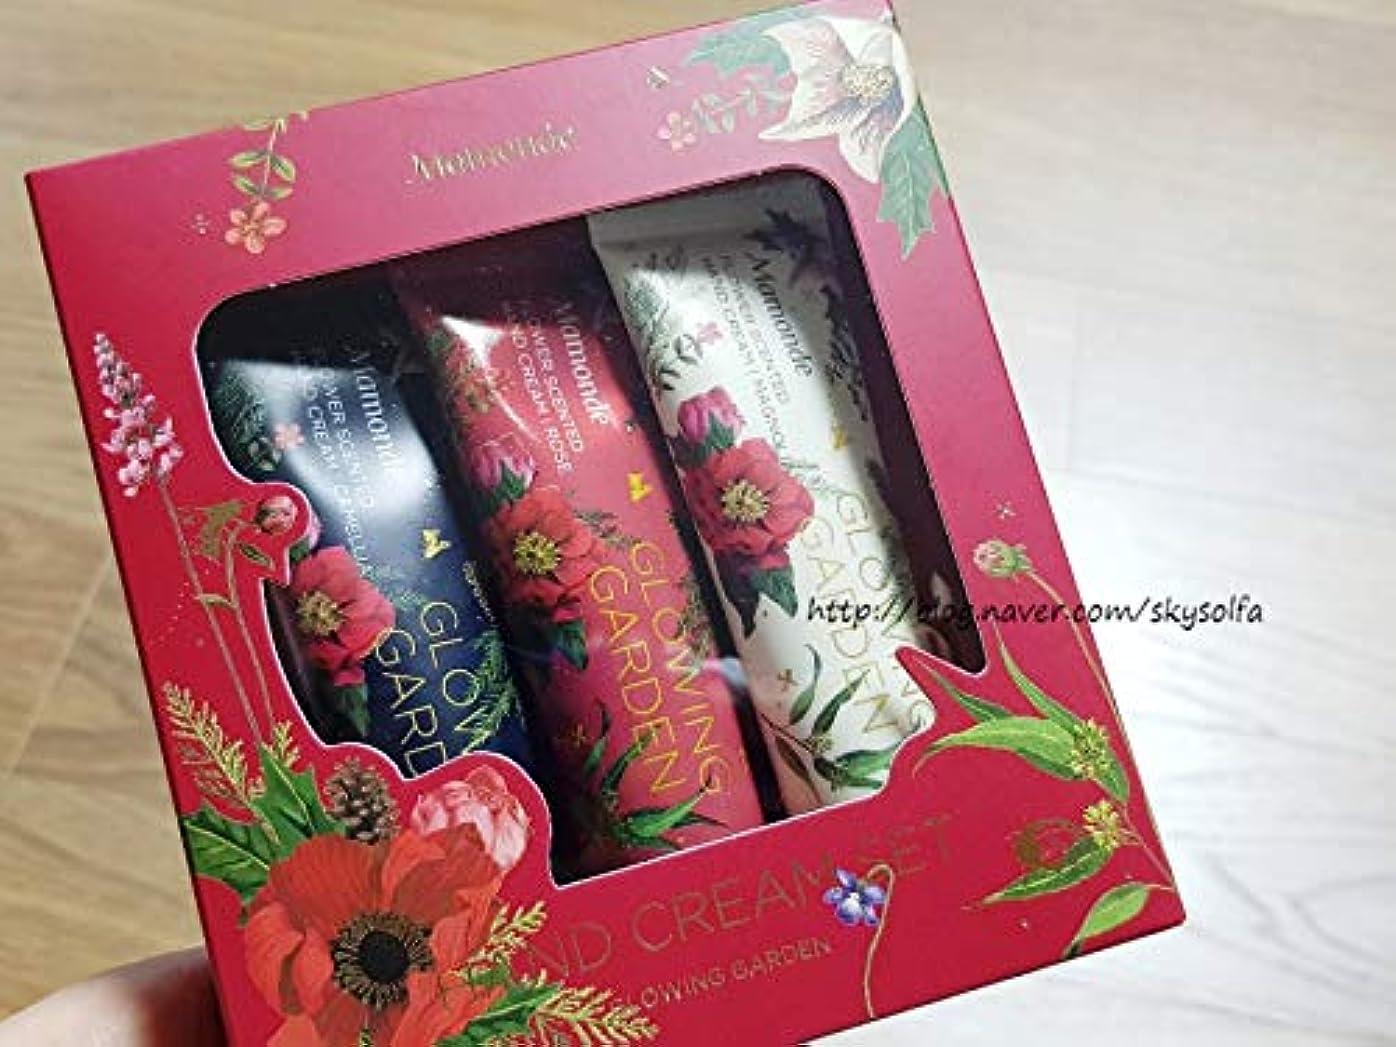 便利さデータ臭い【マモンド.mamonde]フラワーセンチドハンドクリームギフトセット/flower scented hand cream gift set(3piece)